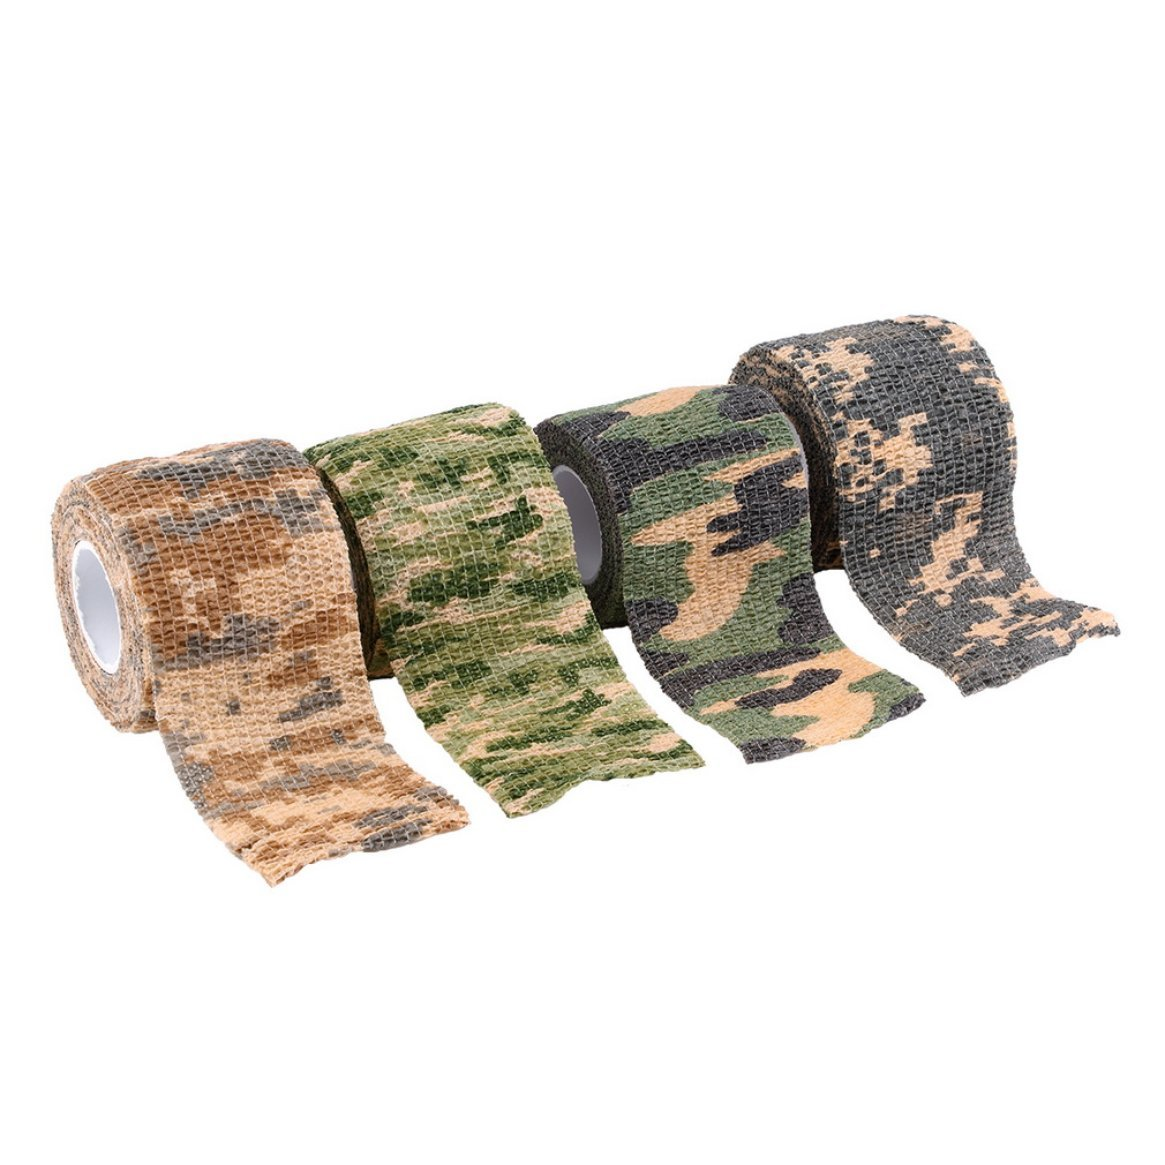 Delicacydex Camouflage /élastique Chasse ext/érieure /étanche Camping Stealth Camo Wrap Tape Militaire Airsoft Paintball Stretch Bandage Camouflage du d/ésert